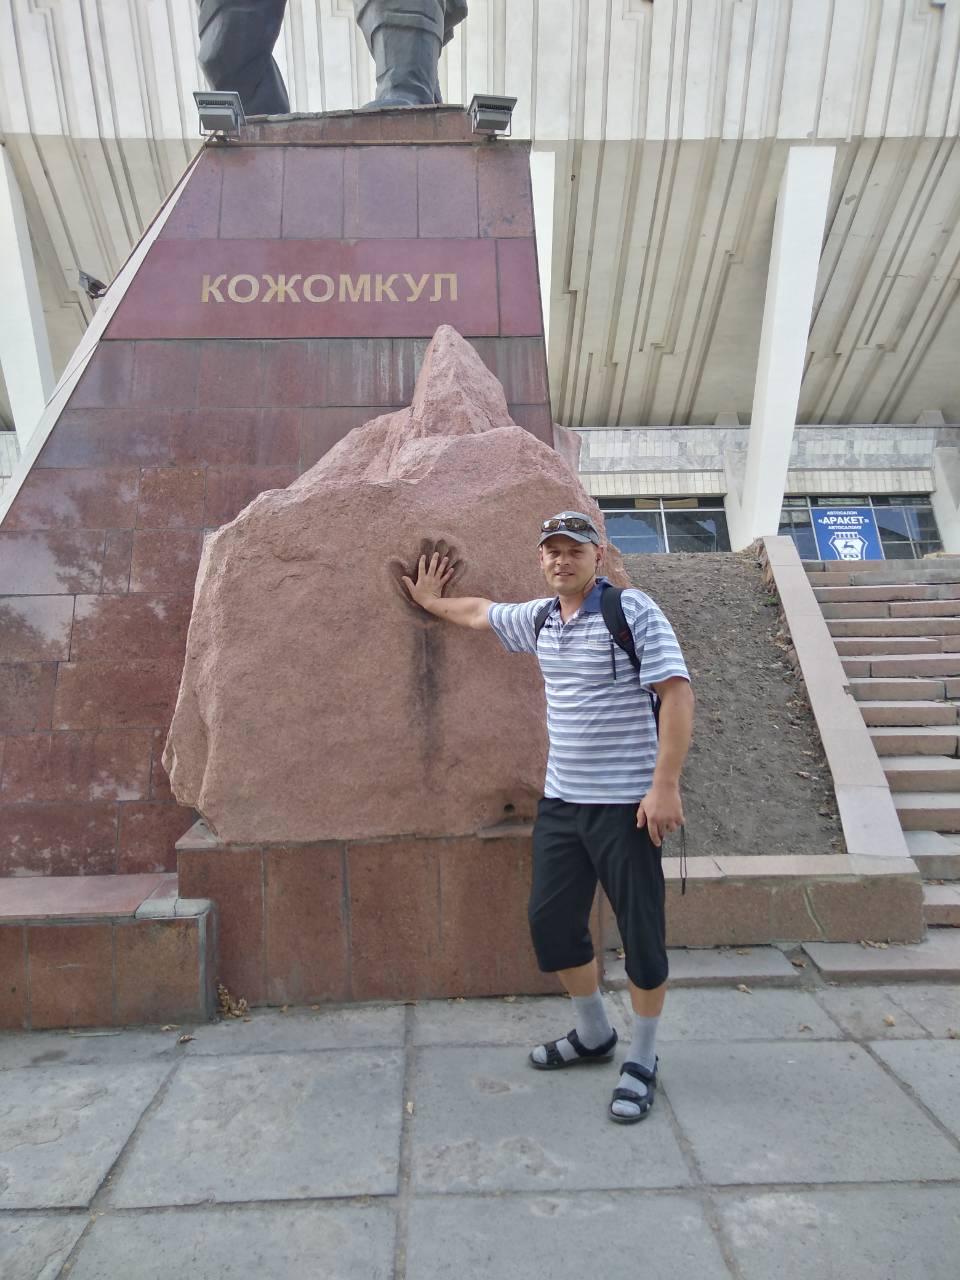 Памятник Баатыр Каба уулу Кожомкул